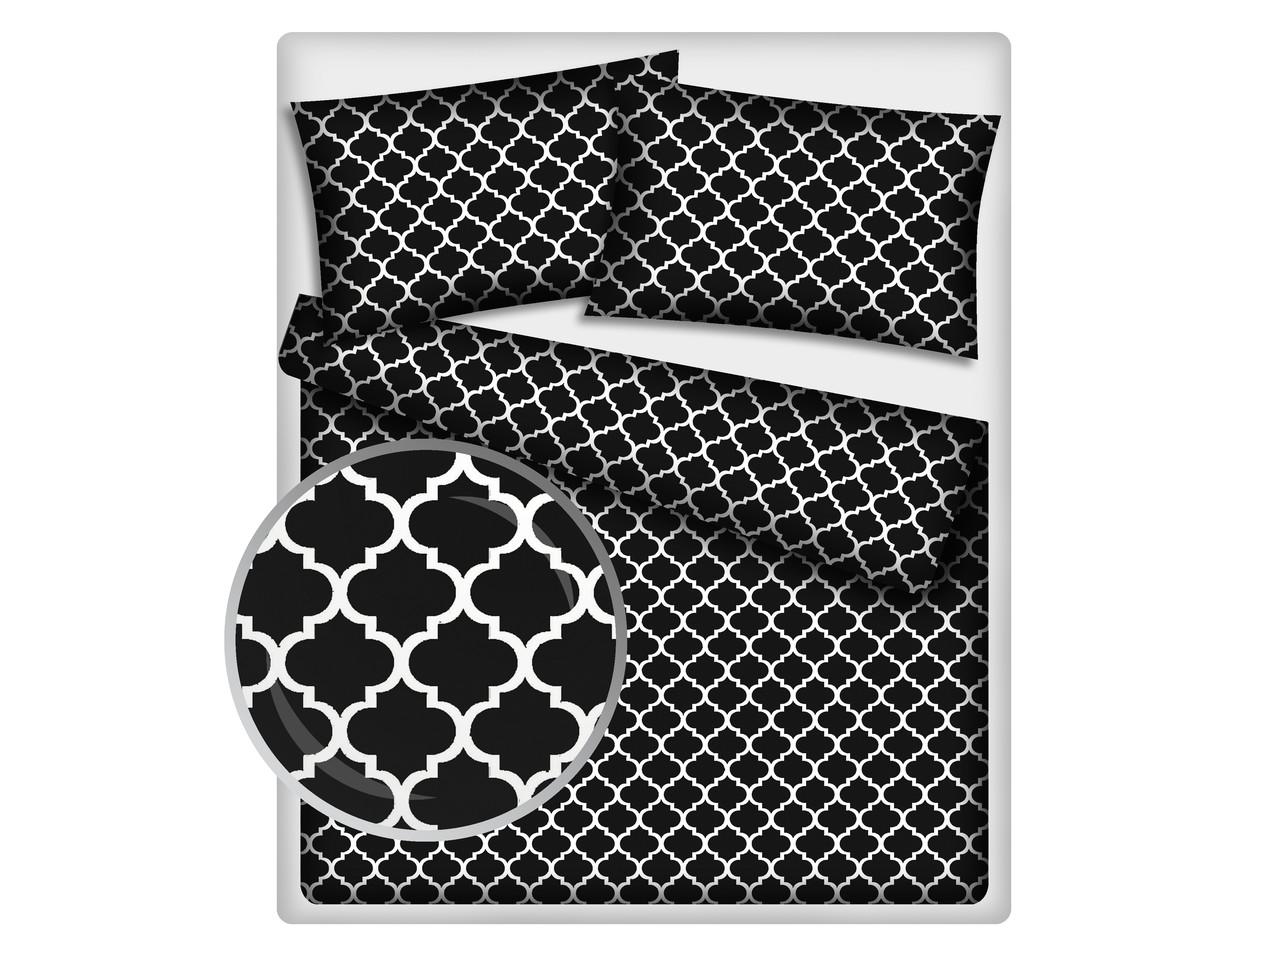 ОПТ Бязь, черно-белая гамма, 135 г/м2 (под заказ от 64 мп)